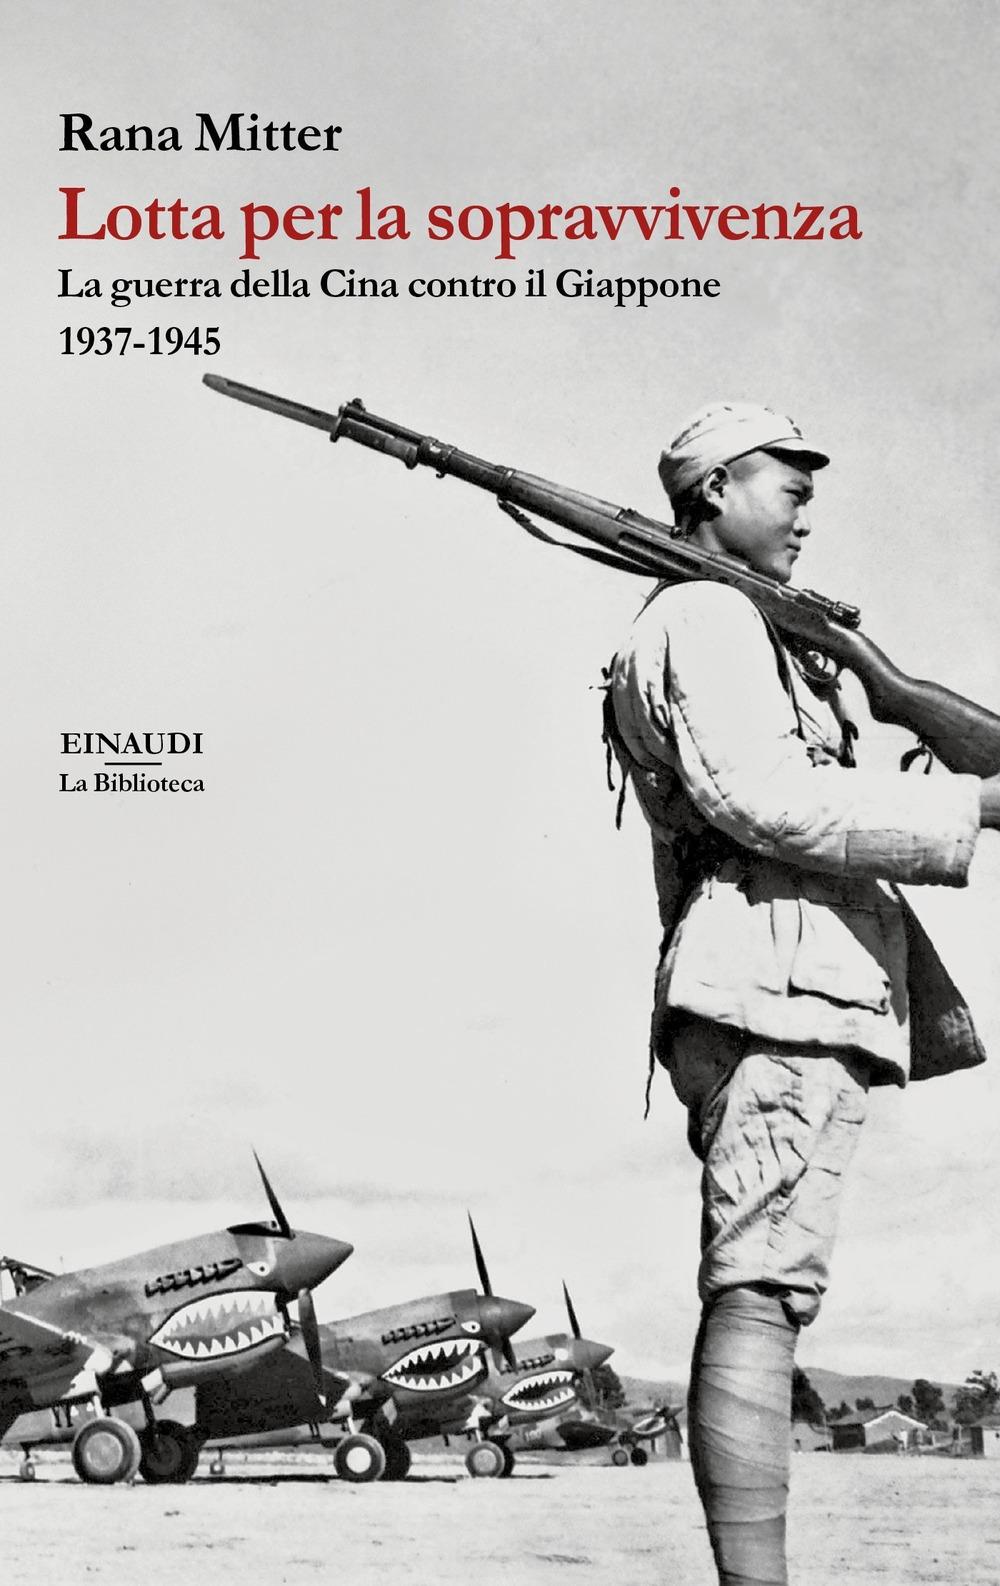 Image of Lotta per la sopravvivenza. La guerra della Cina contro il Giappone 1937-1945